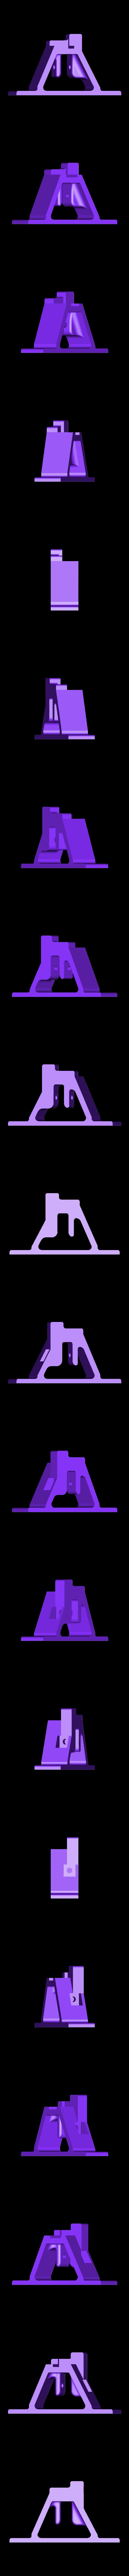 BaseEnd-Idle.STL Télécharger fichier STL gratuit Machine à dessiner CNC facile à imprimer en 3D - Dessinez sur des gâteaux, des téléphones, du papier, des chemises   Traceur Arduino GRBL • Modèle pour imprimante 3D, DIYMachines